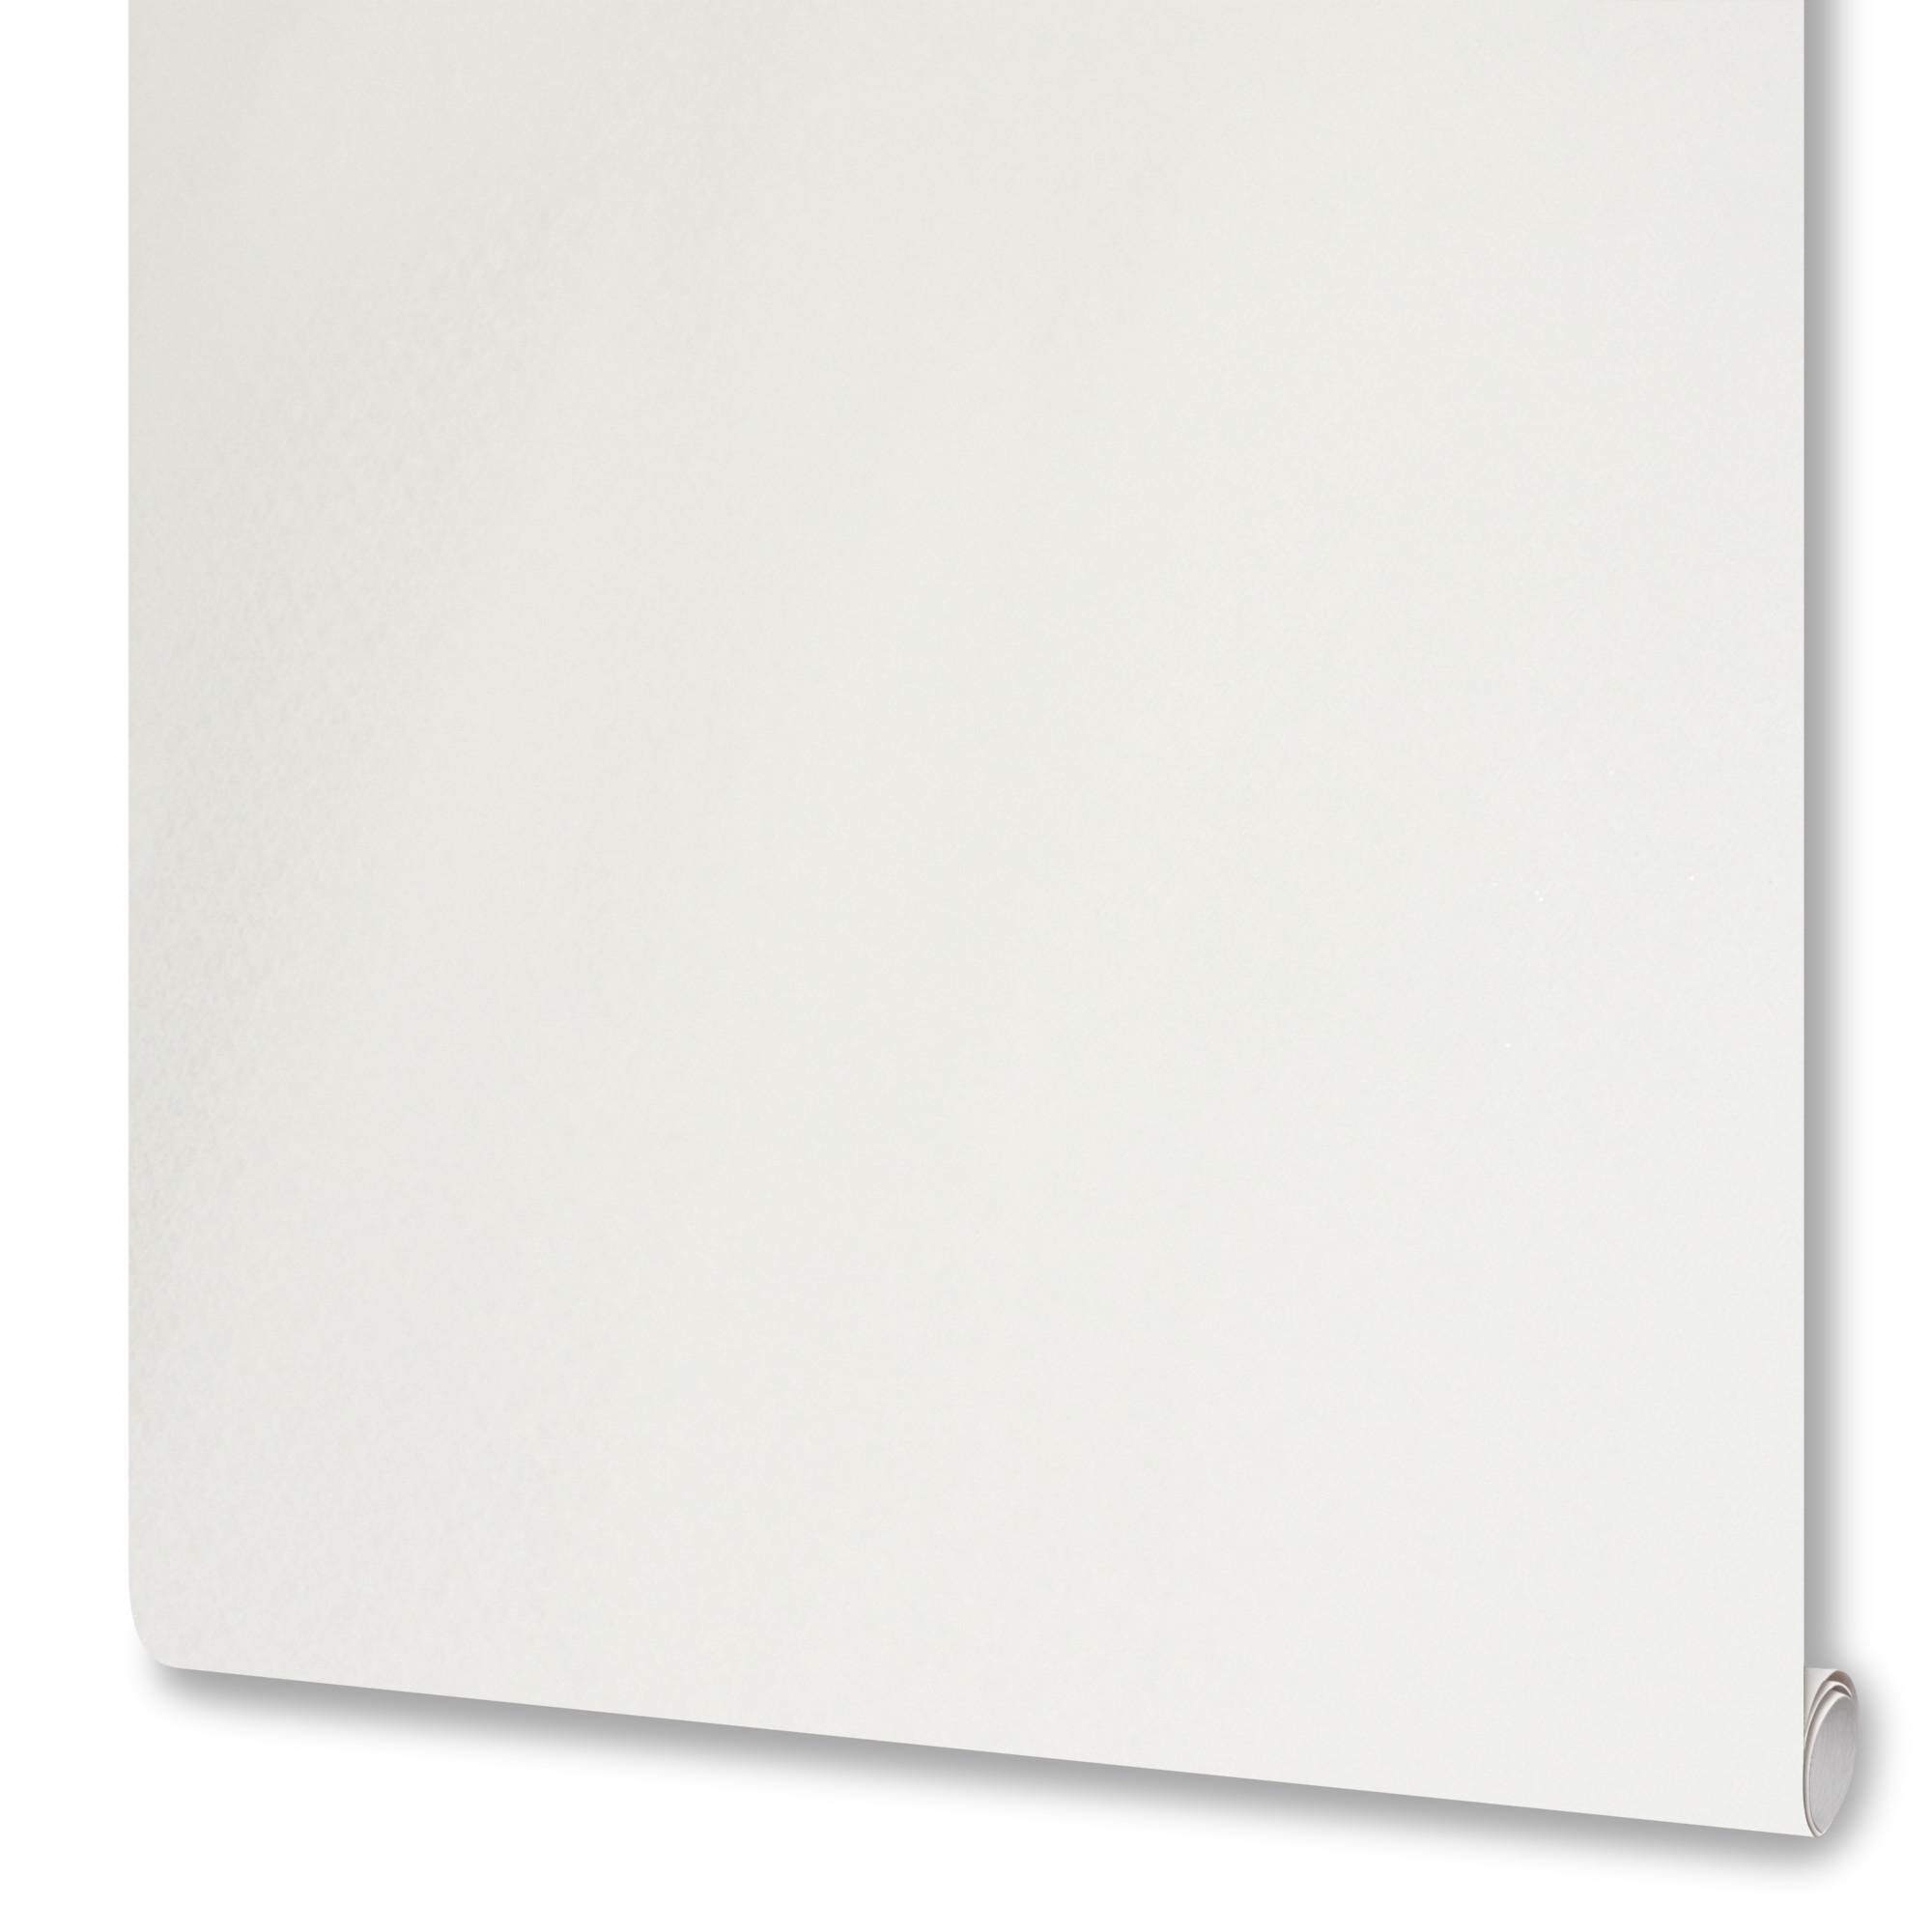 Обои на флизелиновой основе под покраску Е 55825 «Полосы» 1.06х25 м